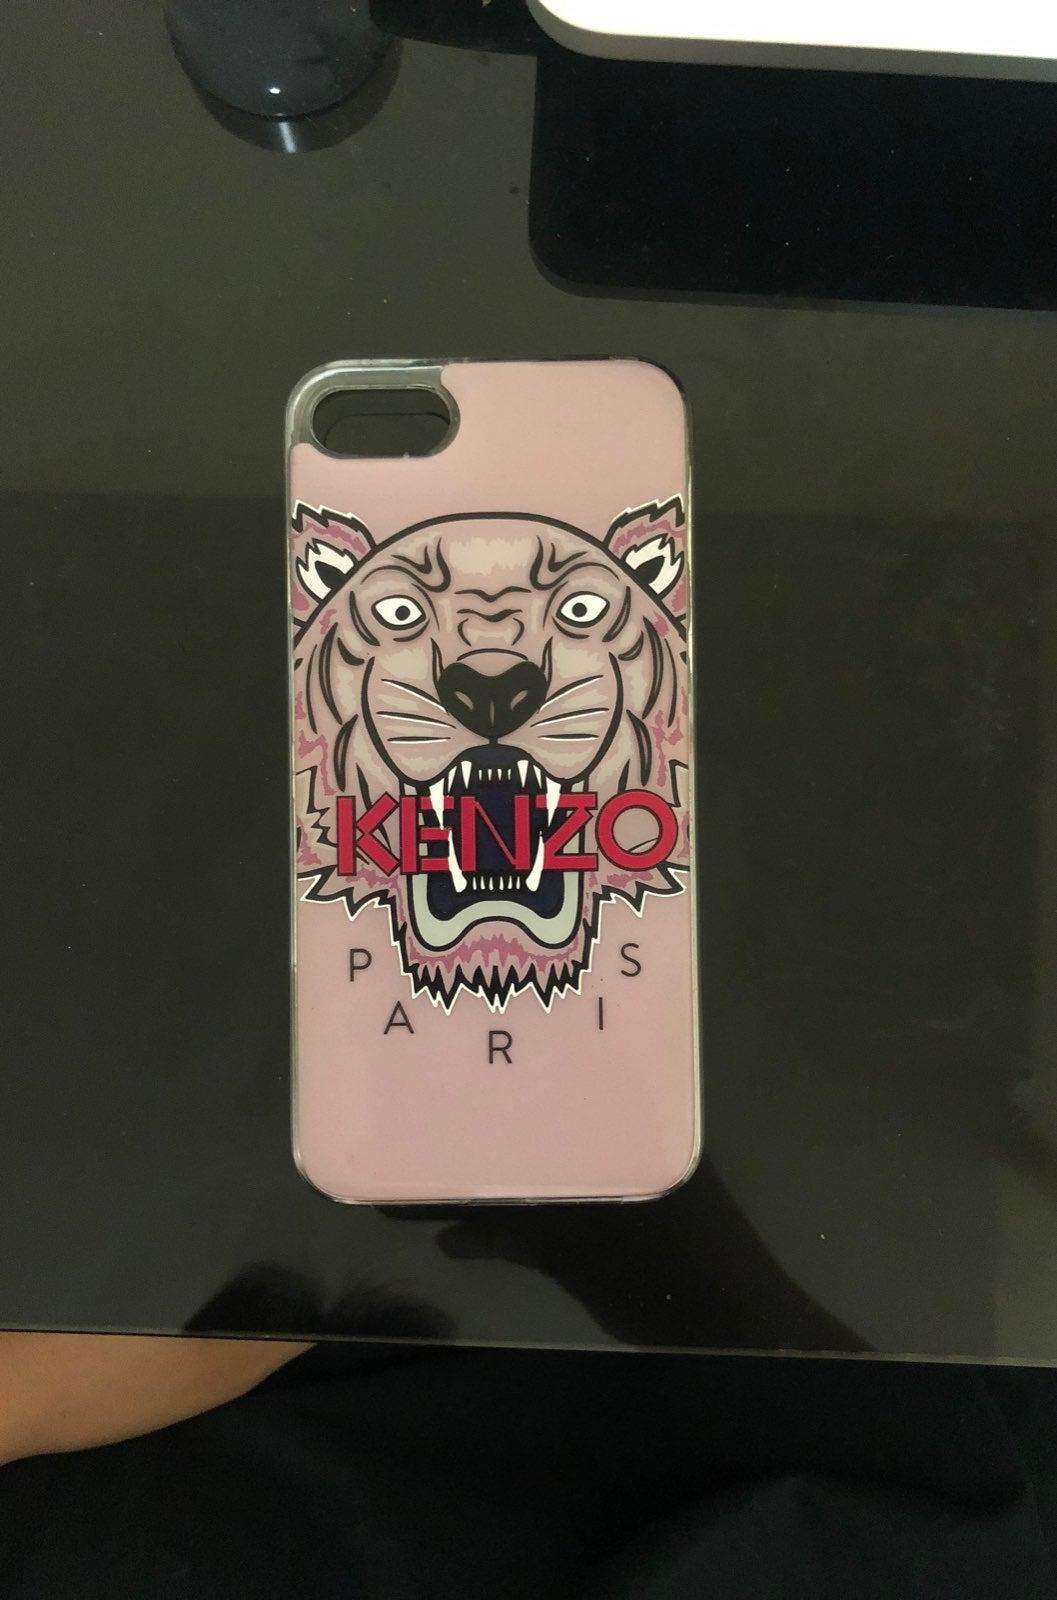 100% Authentic Kenzo Iphone 7 Case